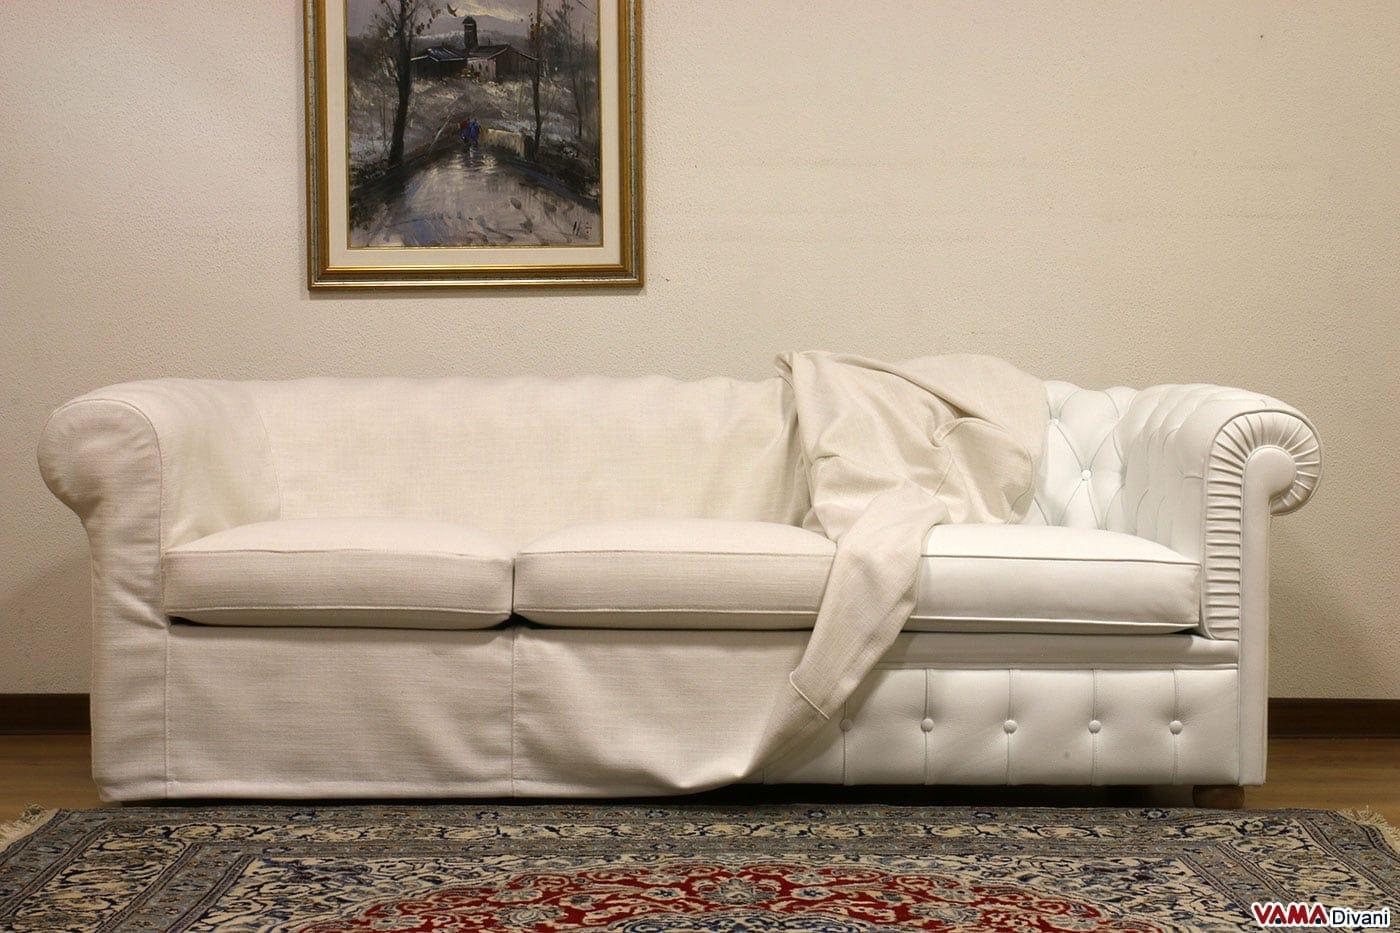 Fodera copridivano in tessuto per i divani chesterfield - Tessuti fiorati ...